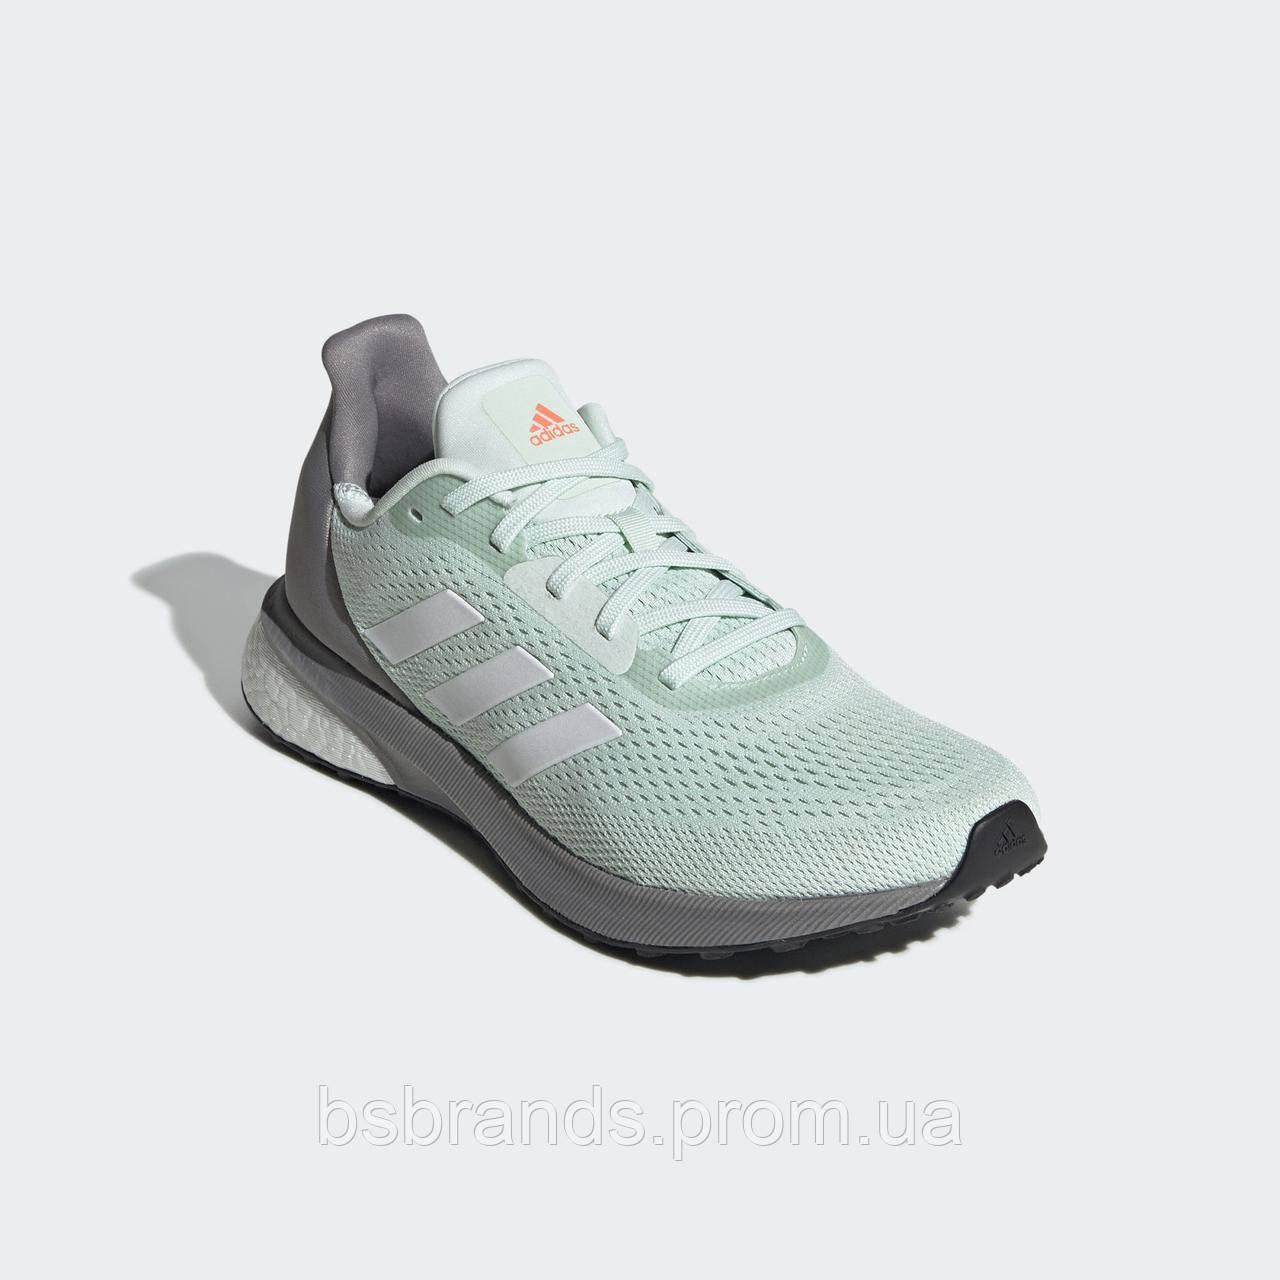 Жіночі кросівки для бігу adidas Astrarun EH1525